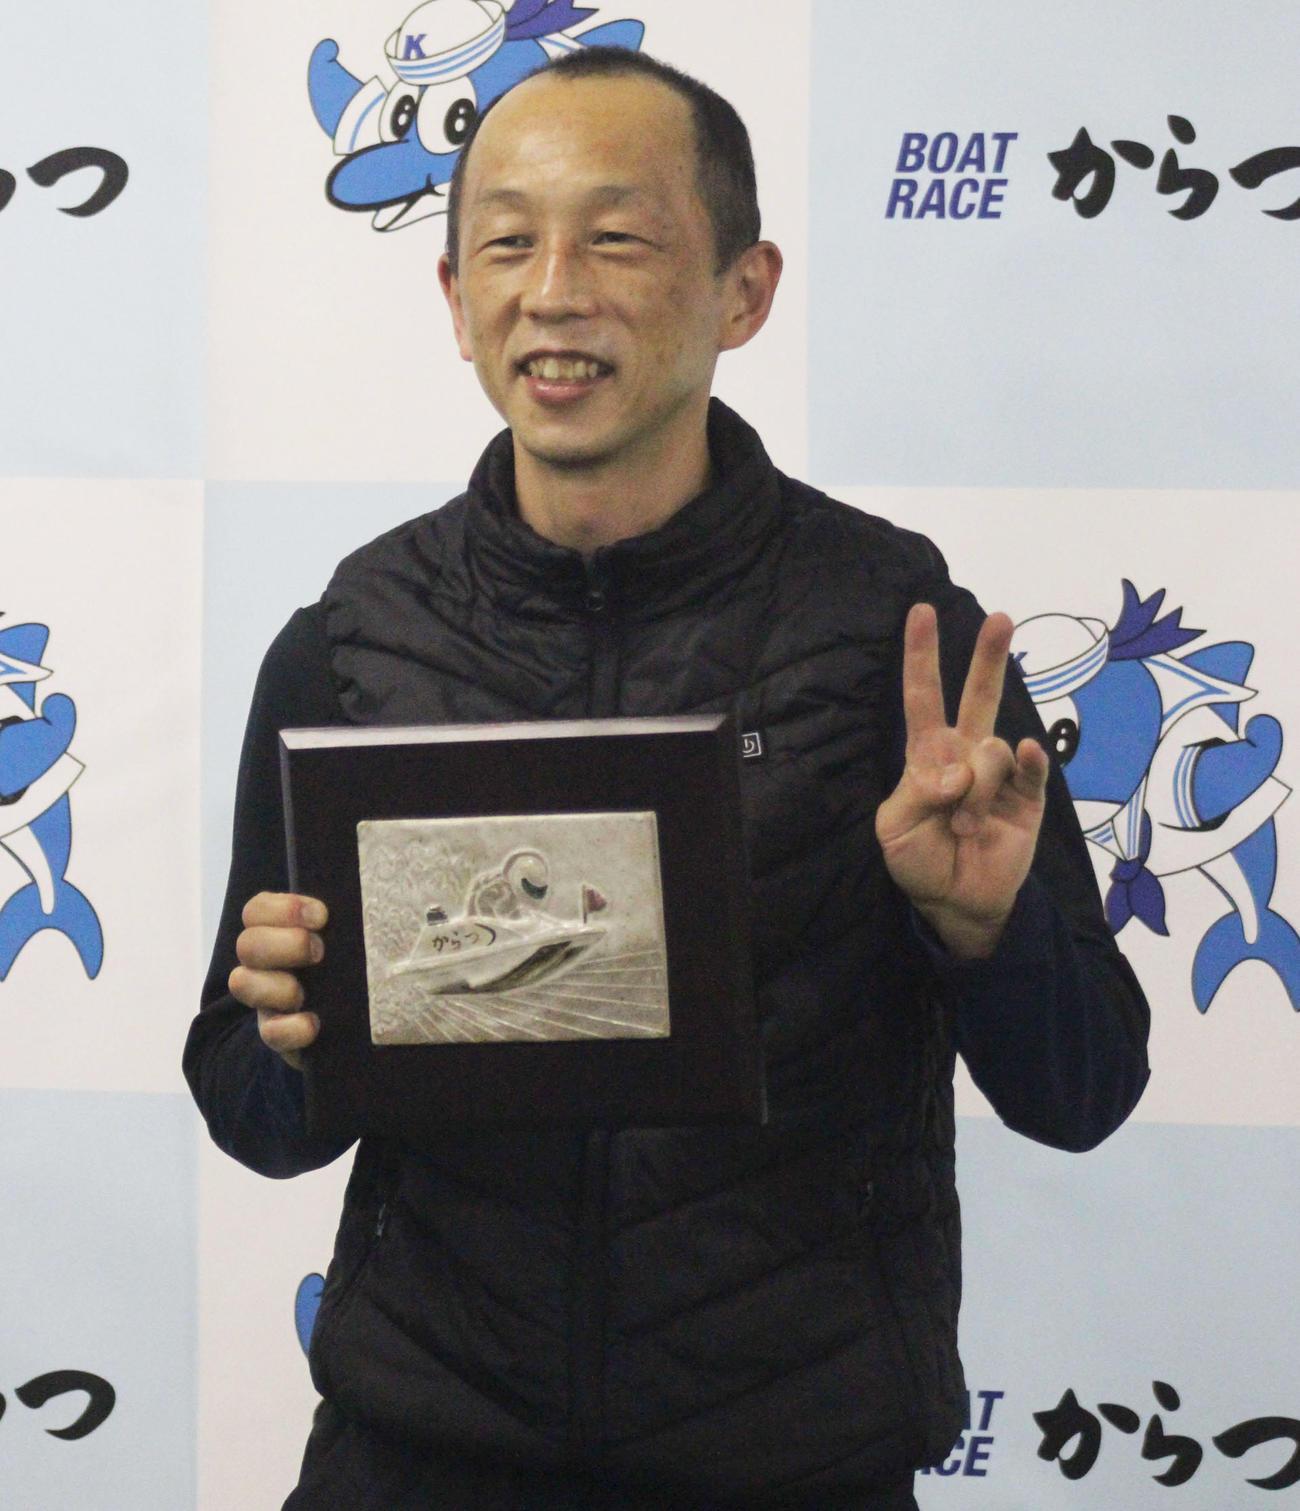 通算2000勝を達成した安田政彦は、記念盾を手に笑顔を見せた